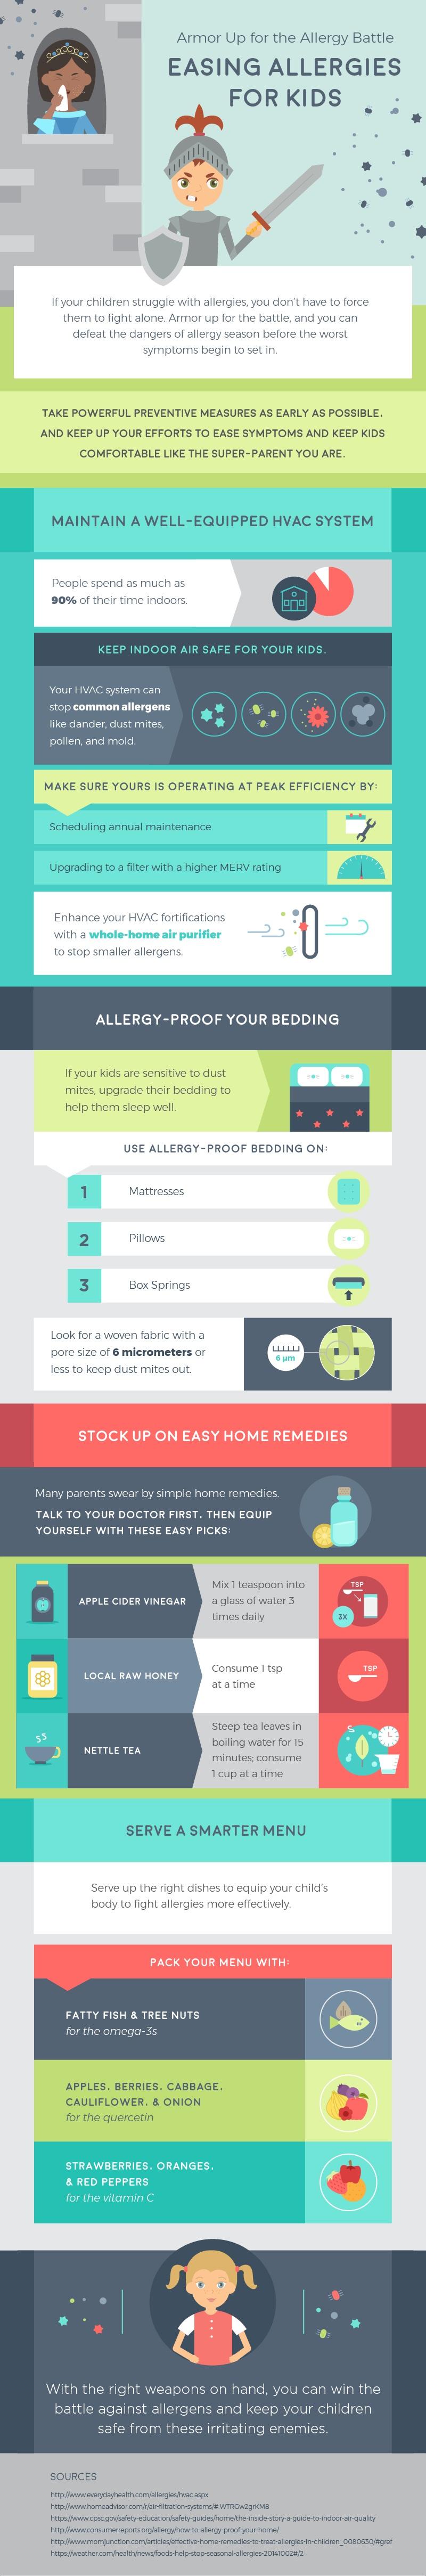 AllergyWarriorIG